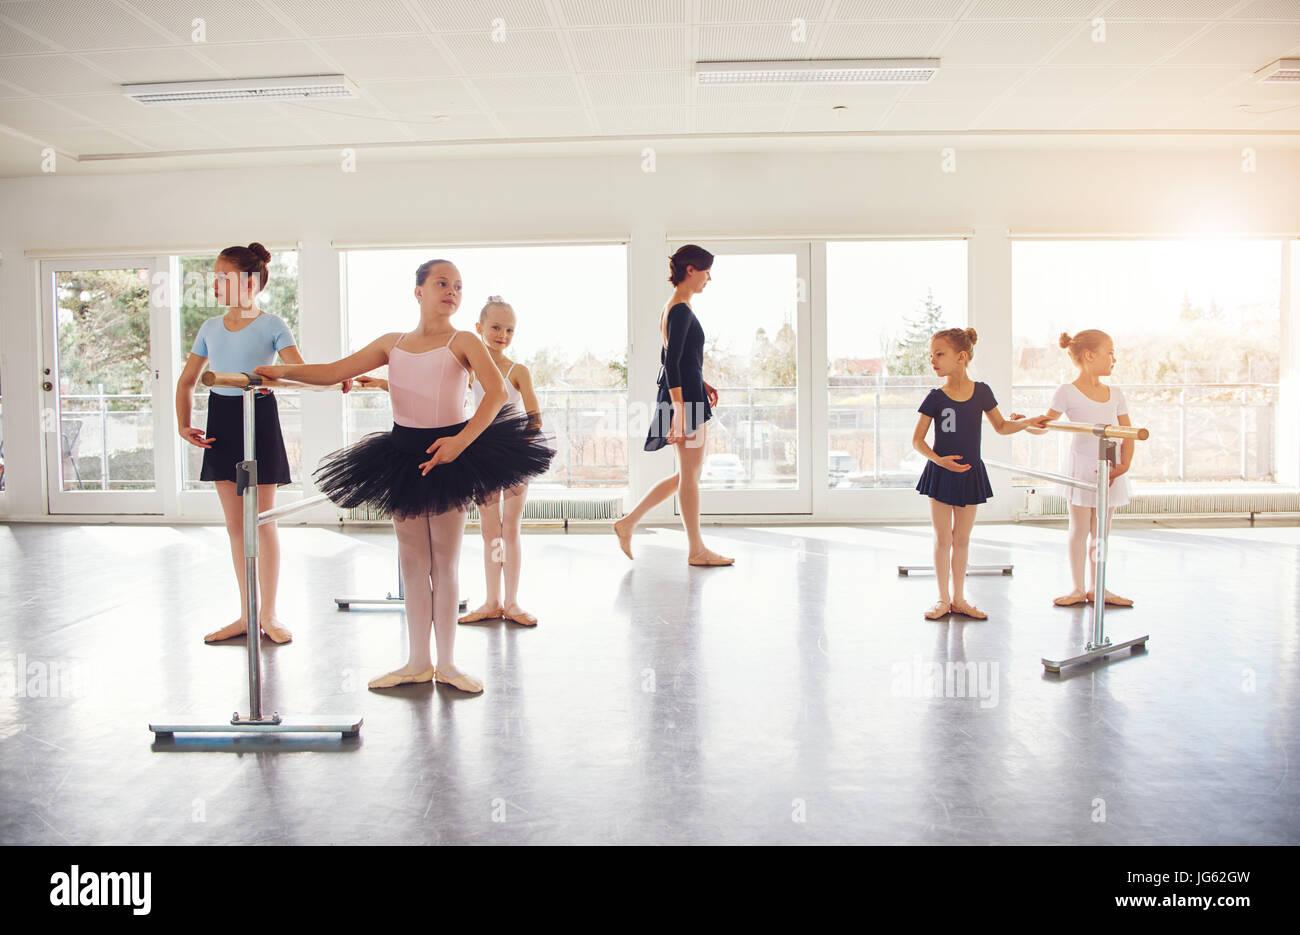 Les jeunes filles l'exécution et l'exercice permanent de ballet ballet en classe. Banque D'Images